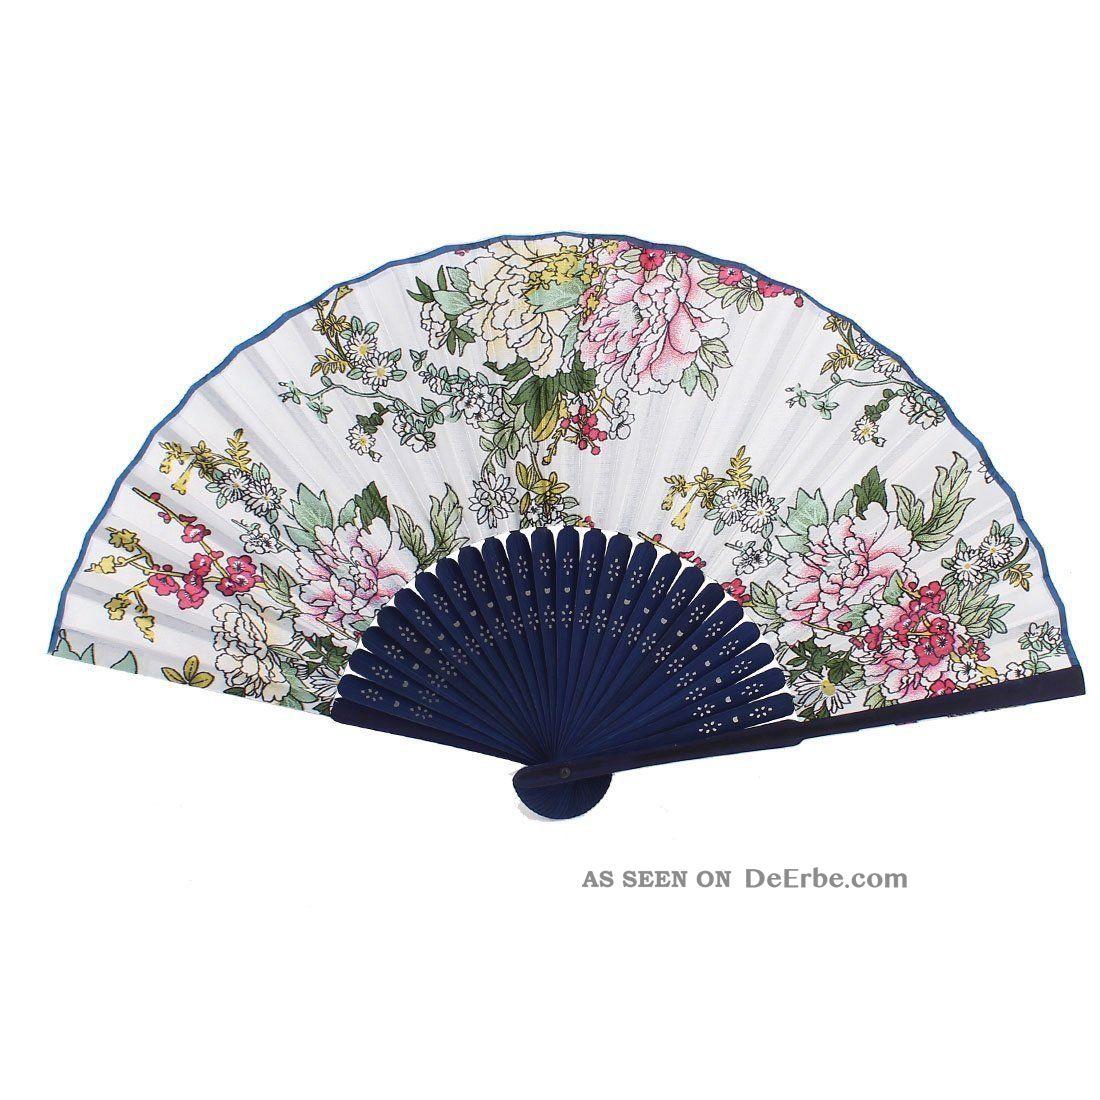 Bambus - Rahmen Handgemacht Blumenmuster Faltreifen Handfaecher A2l5 Entstehungszeit nach 1945 Bild